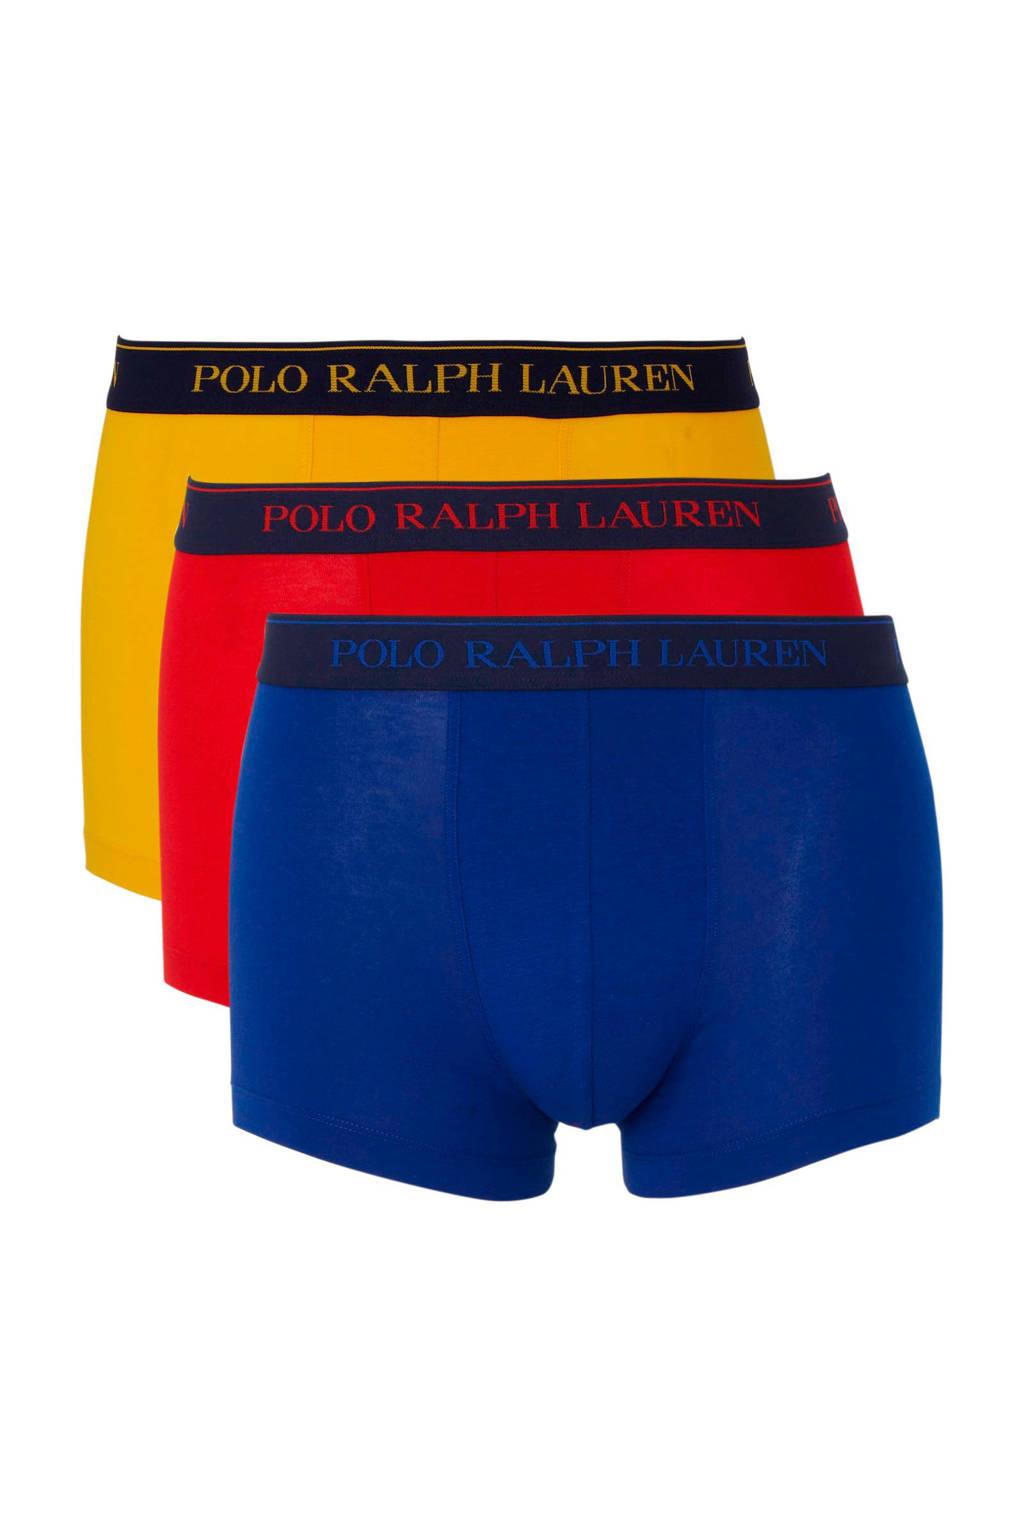 POLO Ralph Lauren boxershort (set van 3), Blauw/geel/rood